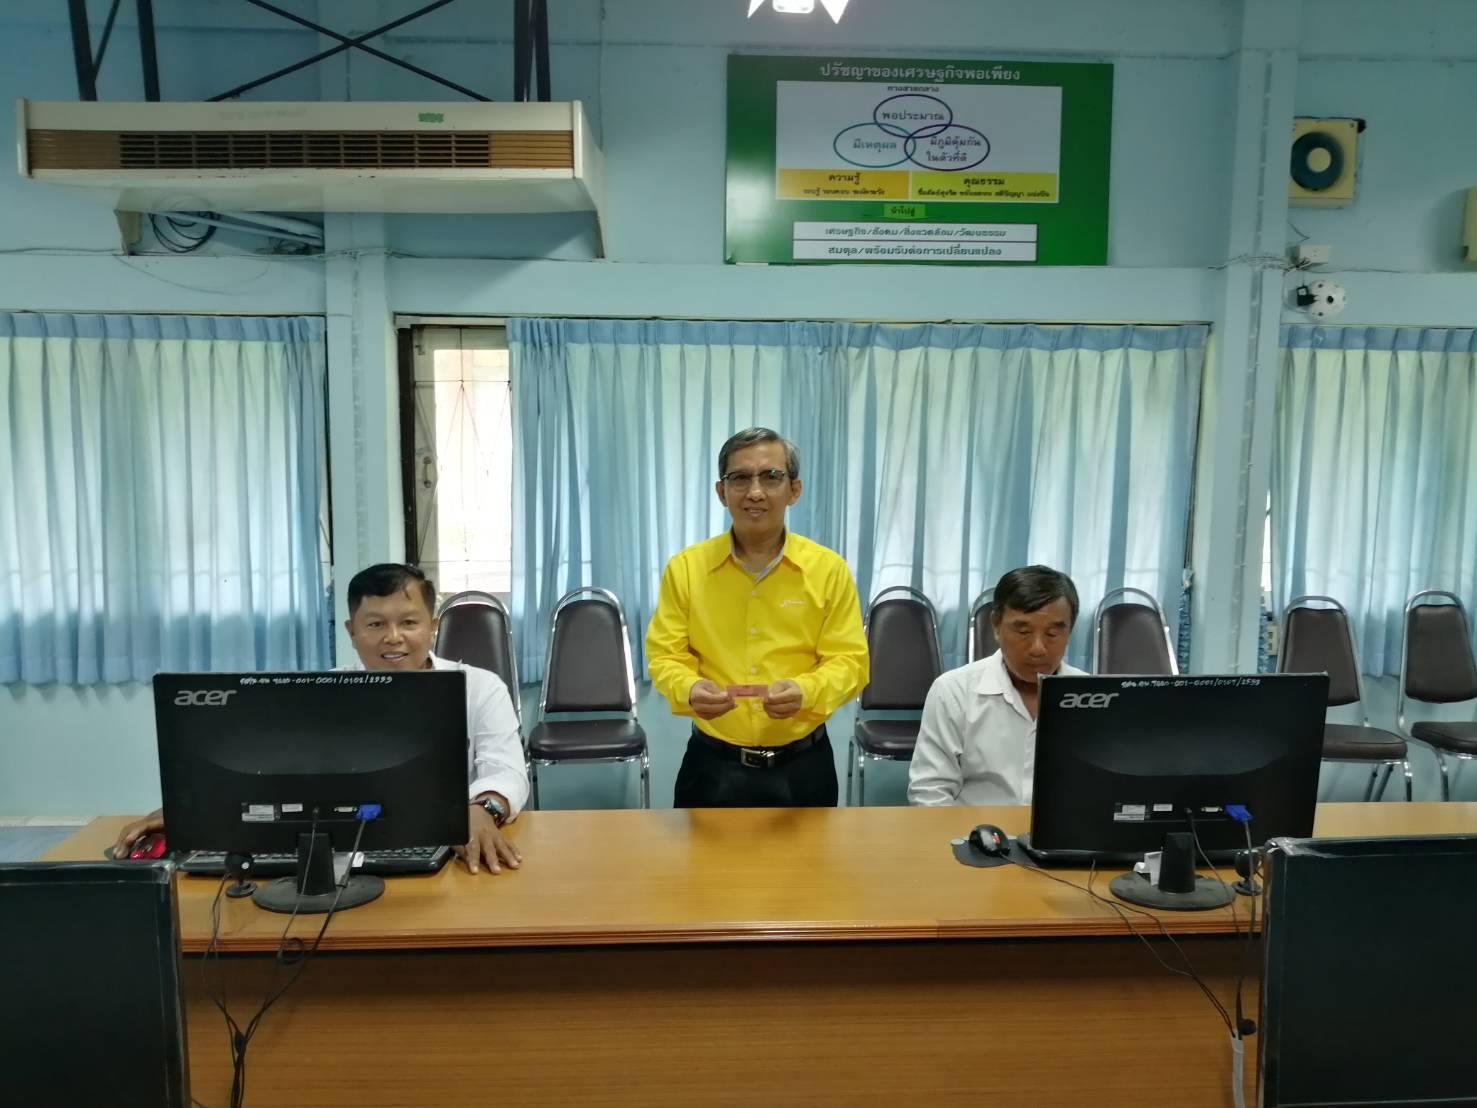 กศน.กำแพงเพชร จัดสอบ (E-Exam) ภาคเรียนที่ 1 ปีการศึกษา 2562